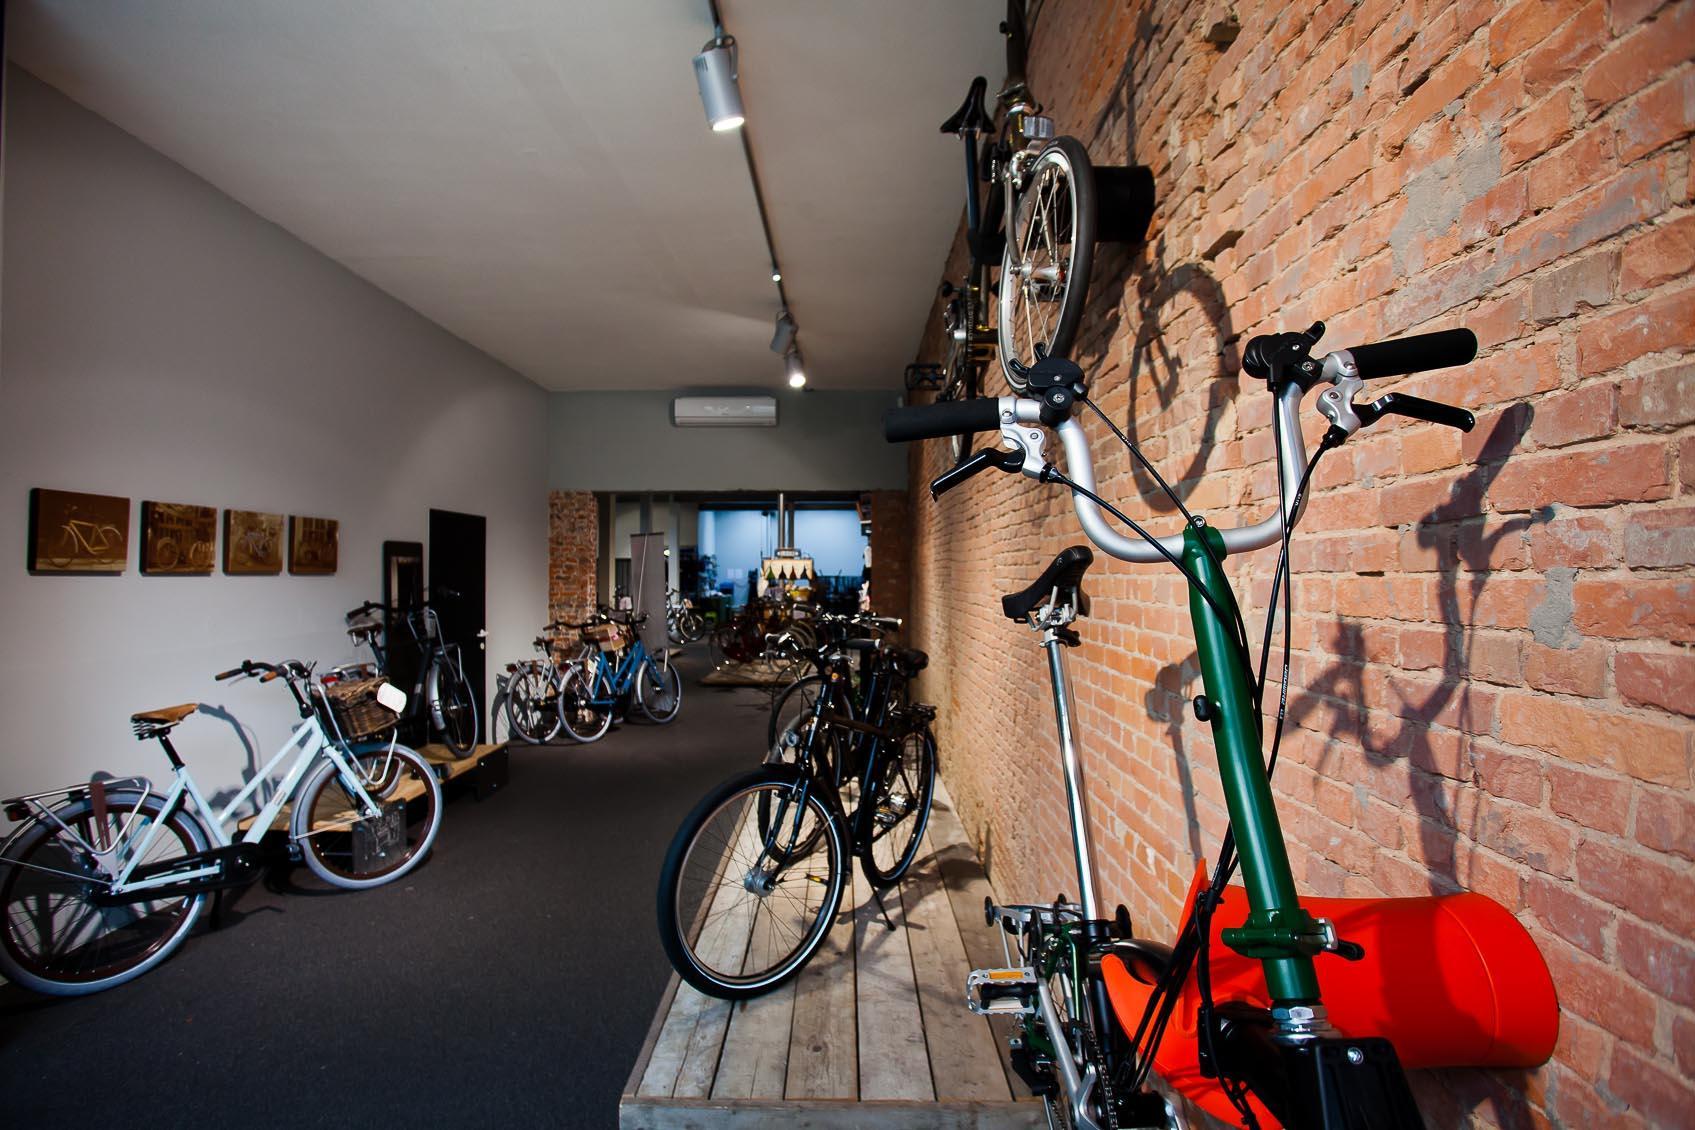 Lichtadvies voor verbouwing fietsenwinkel met 3 fase rails